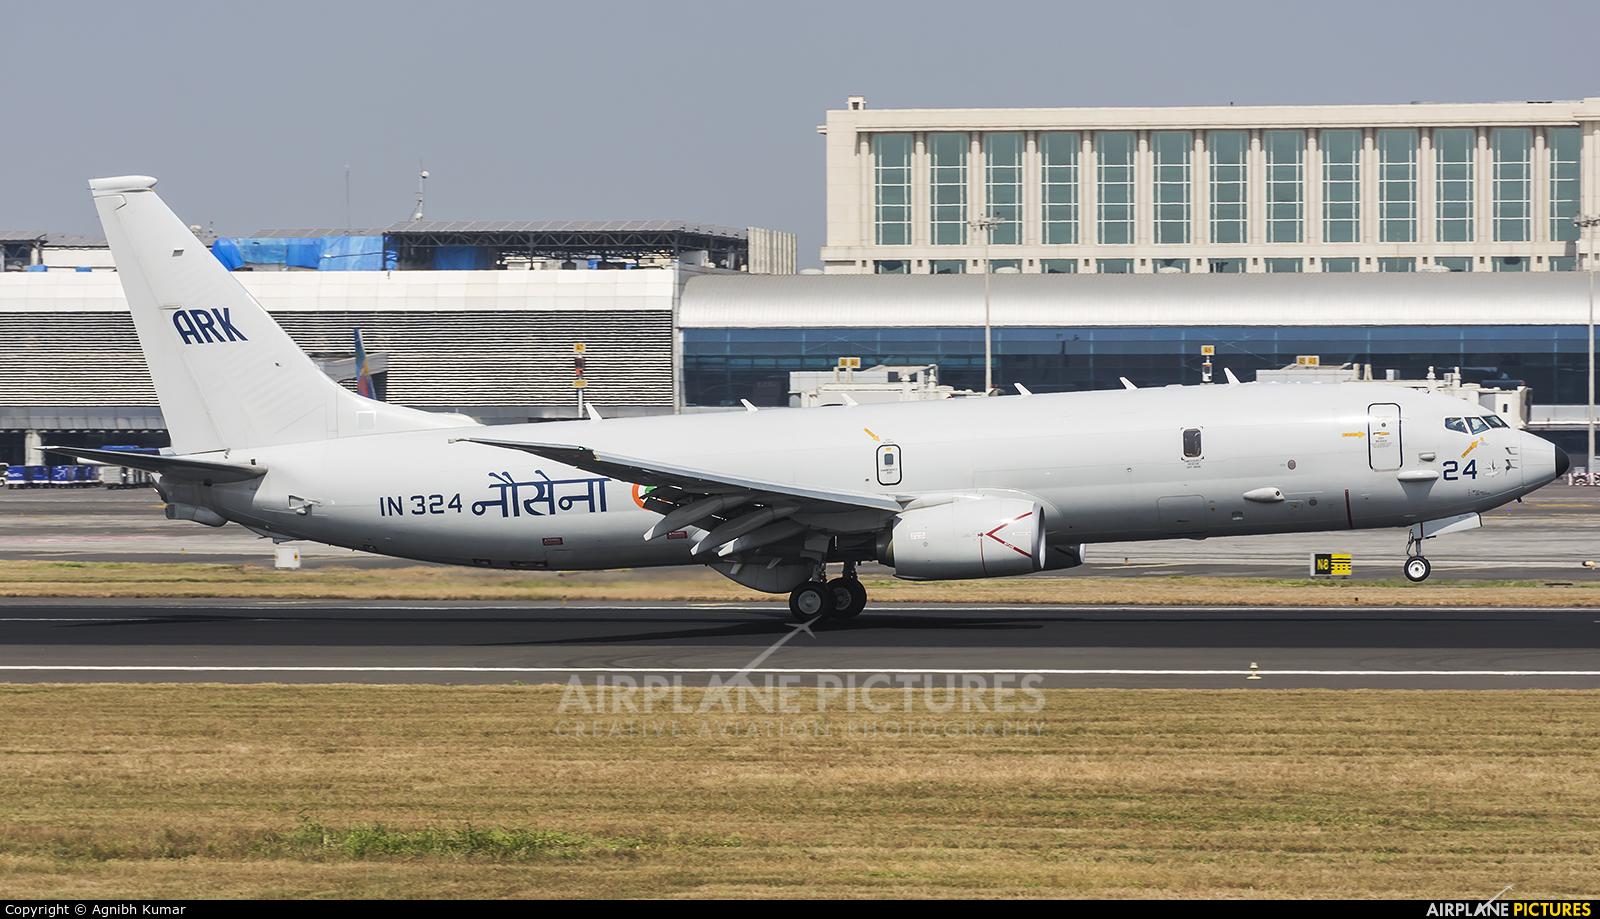 India - Navy IN324 aircraft at Mumbai - Chhatrapati Shivaji Intl